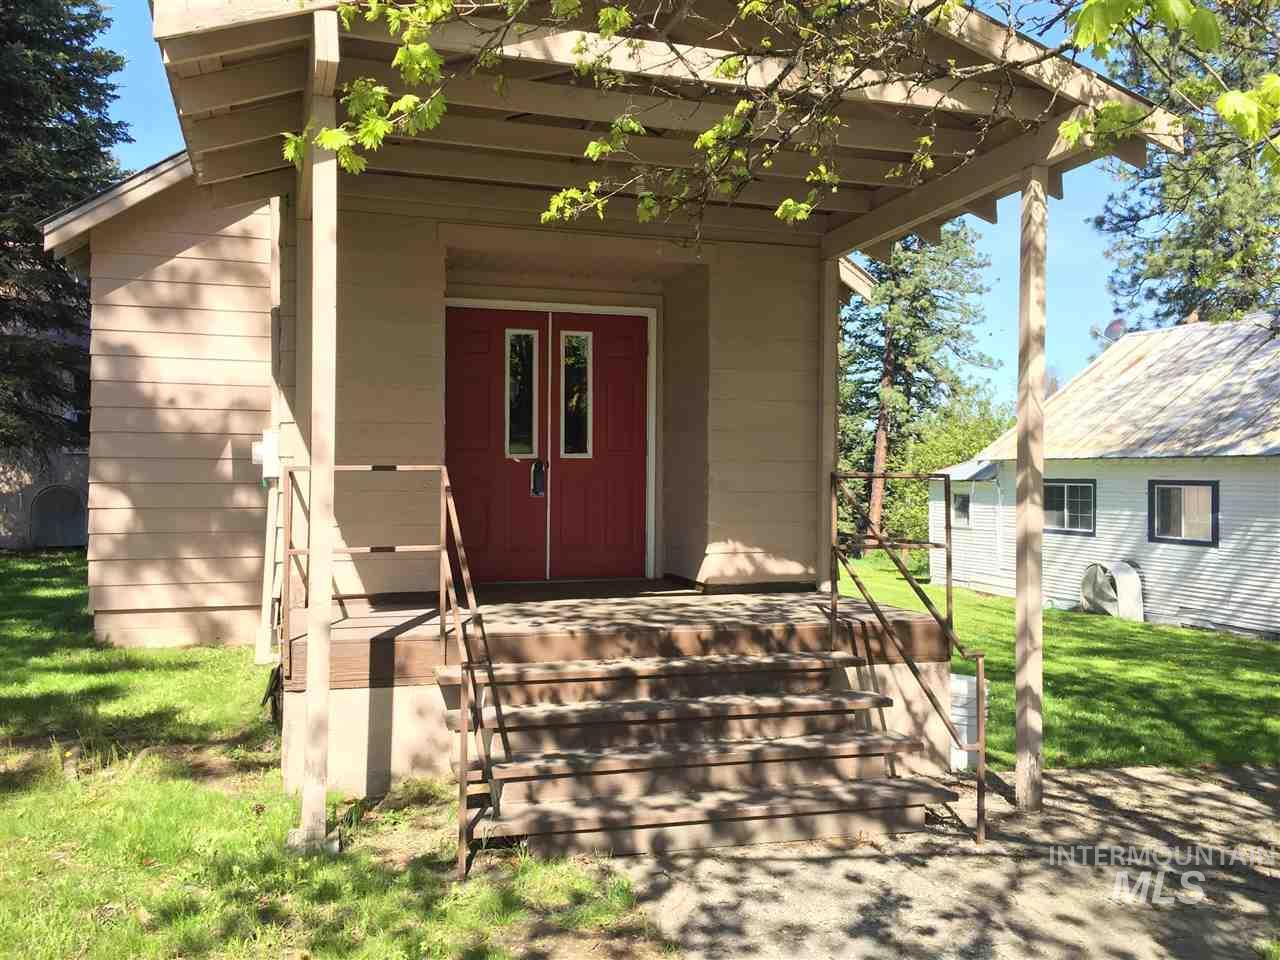 301/303 Idaho St, Deary, ID 83823